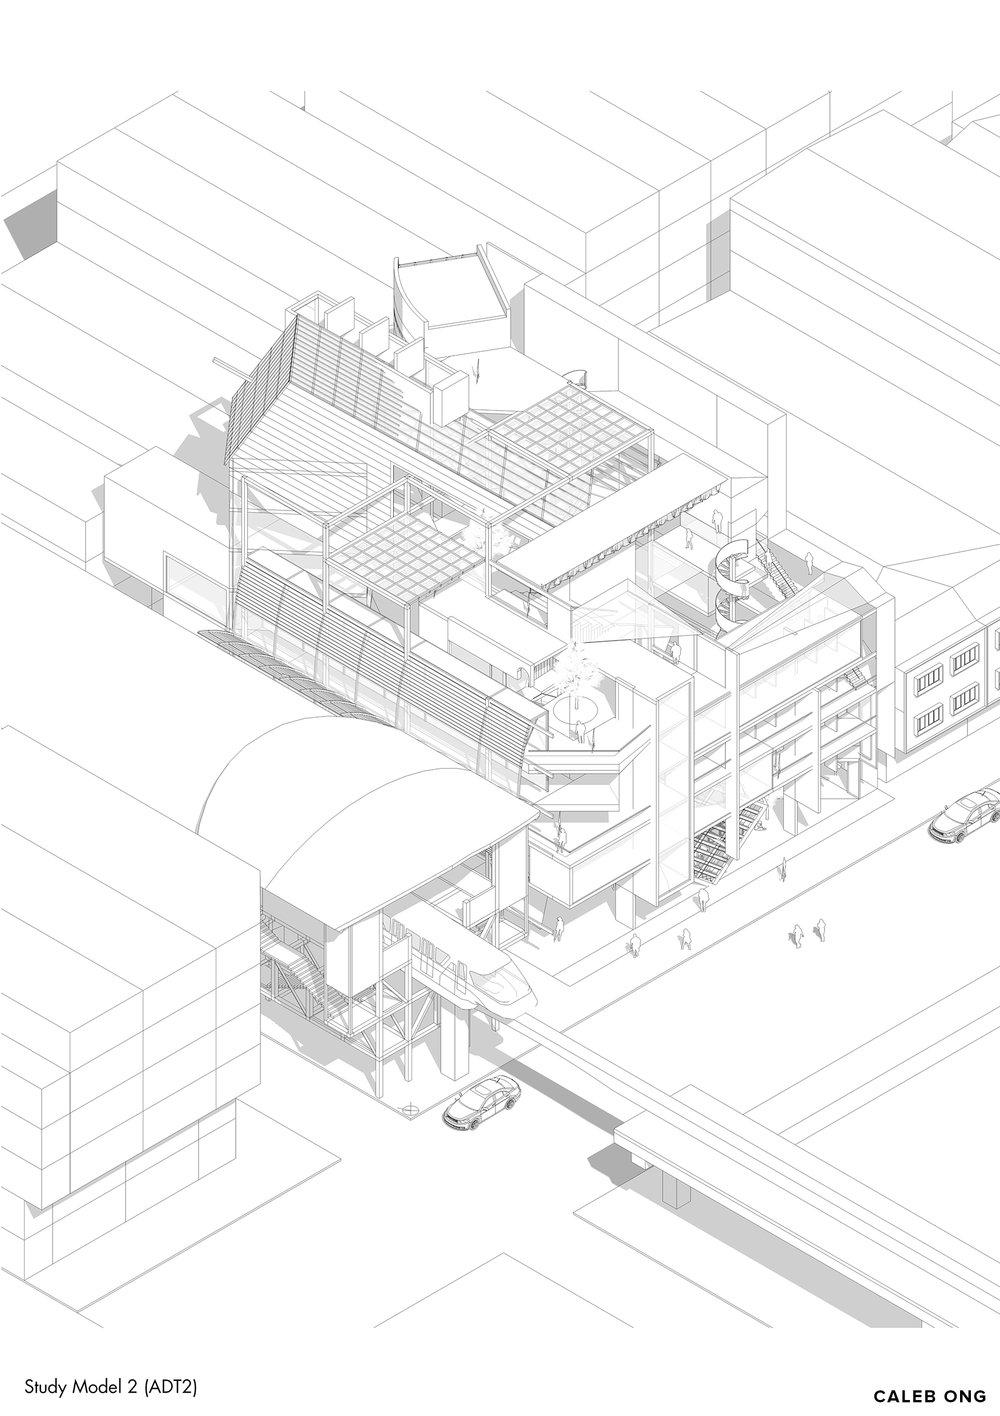 Design Phase 2 (ADT2)